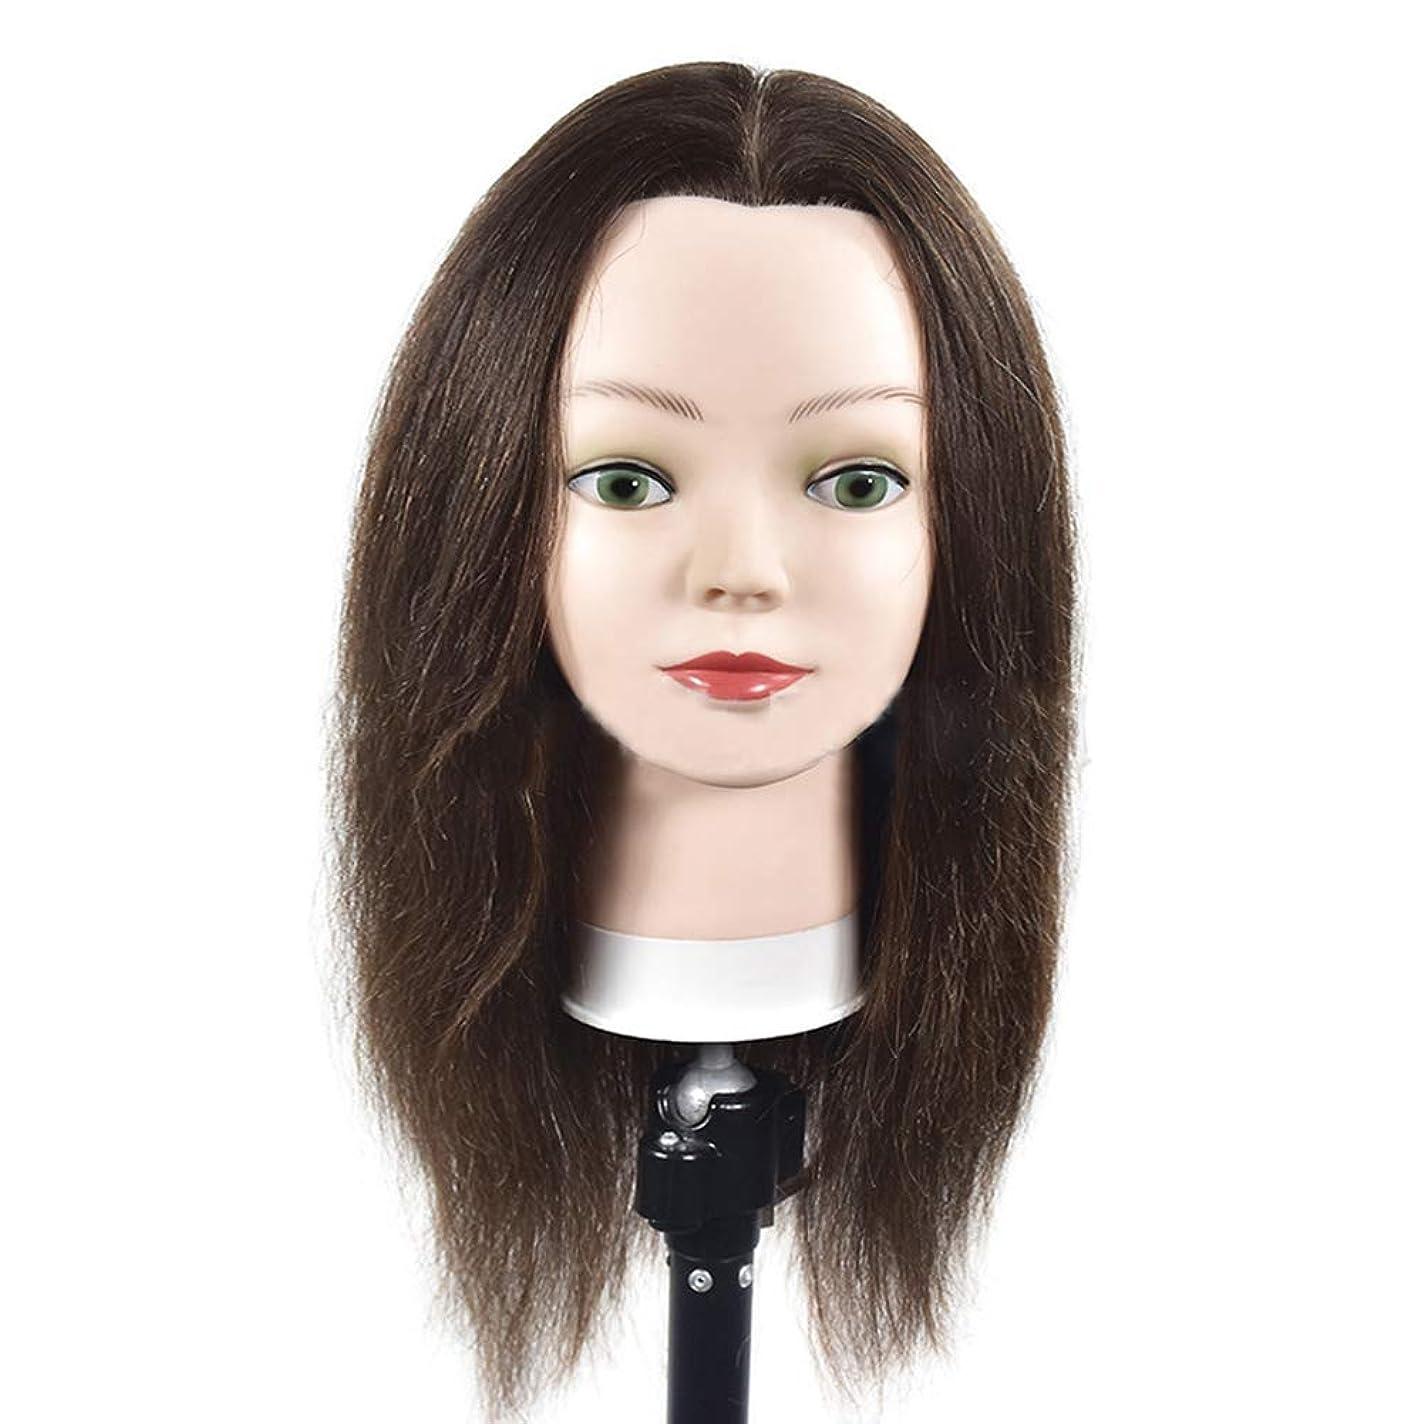 見積り最初はグラディスサロン髪編組理髪指導ヘッドスタイリング散髪ダミーヘッド化粧学習マネキンヘッド